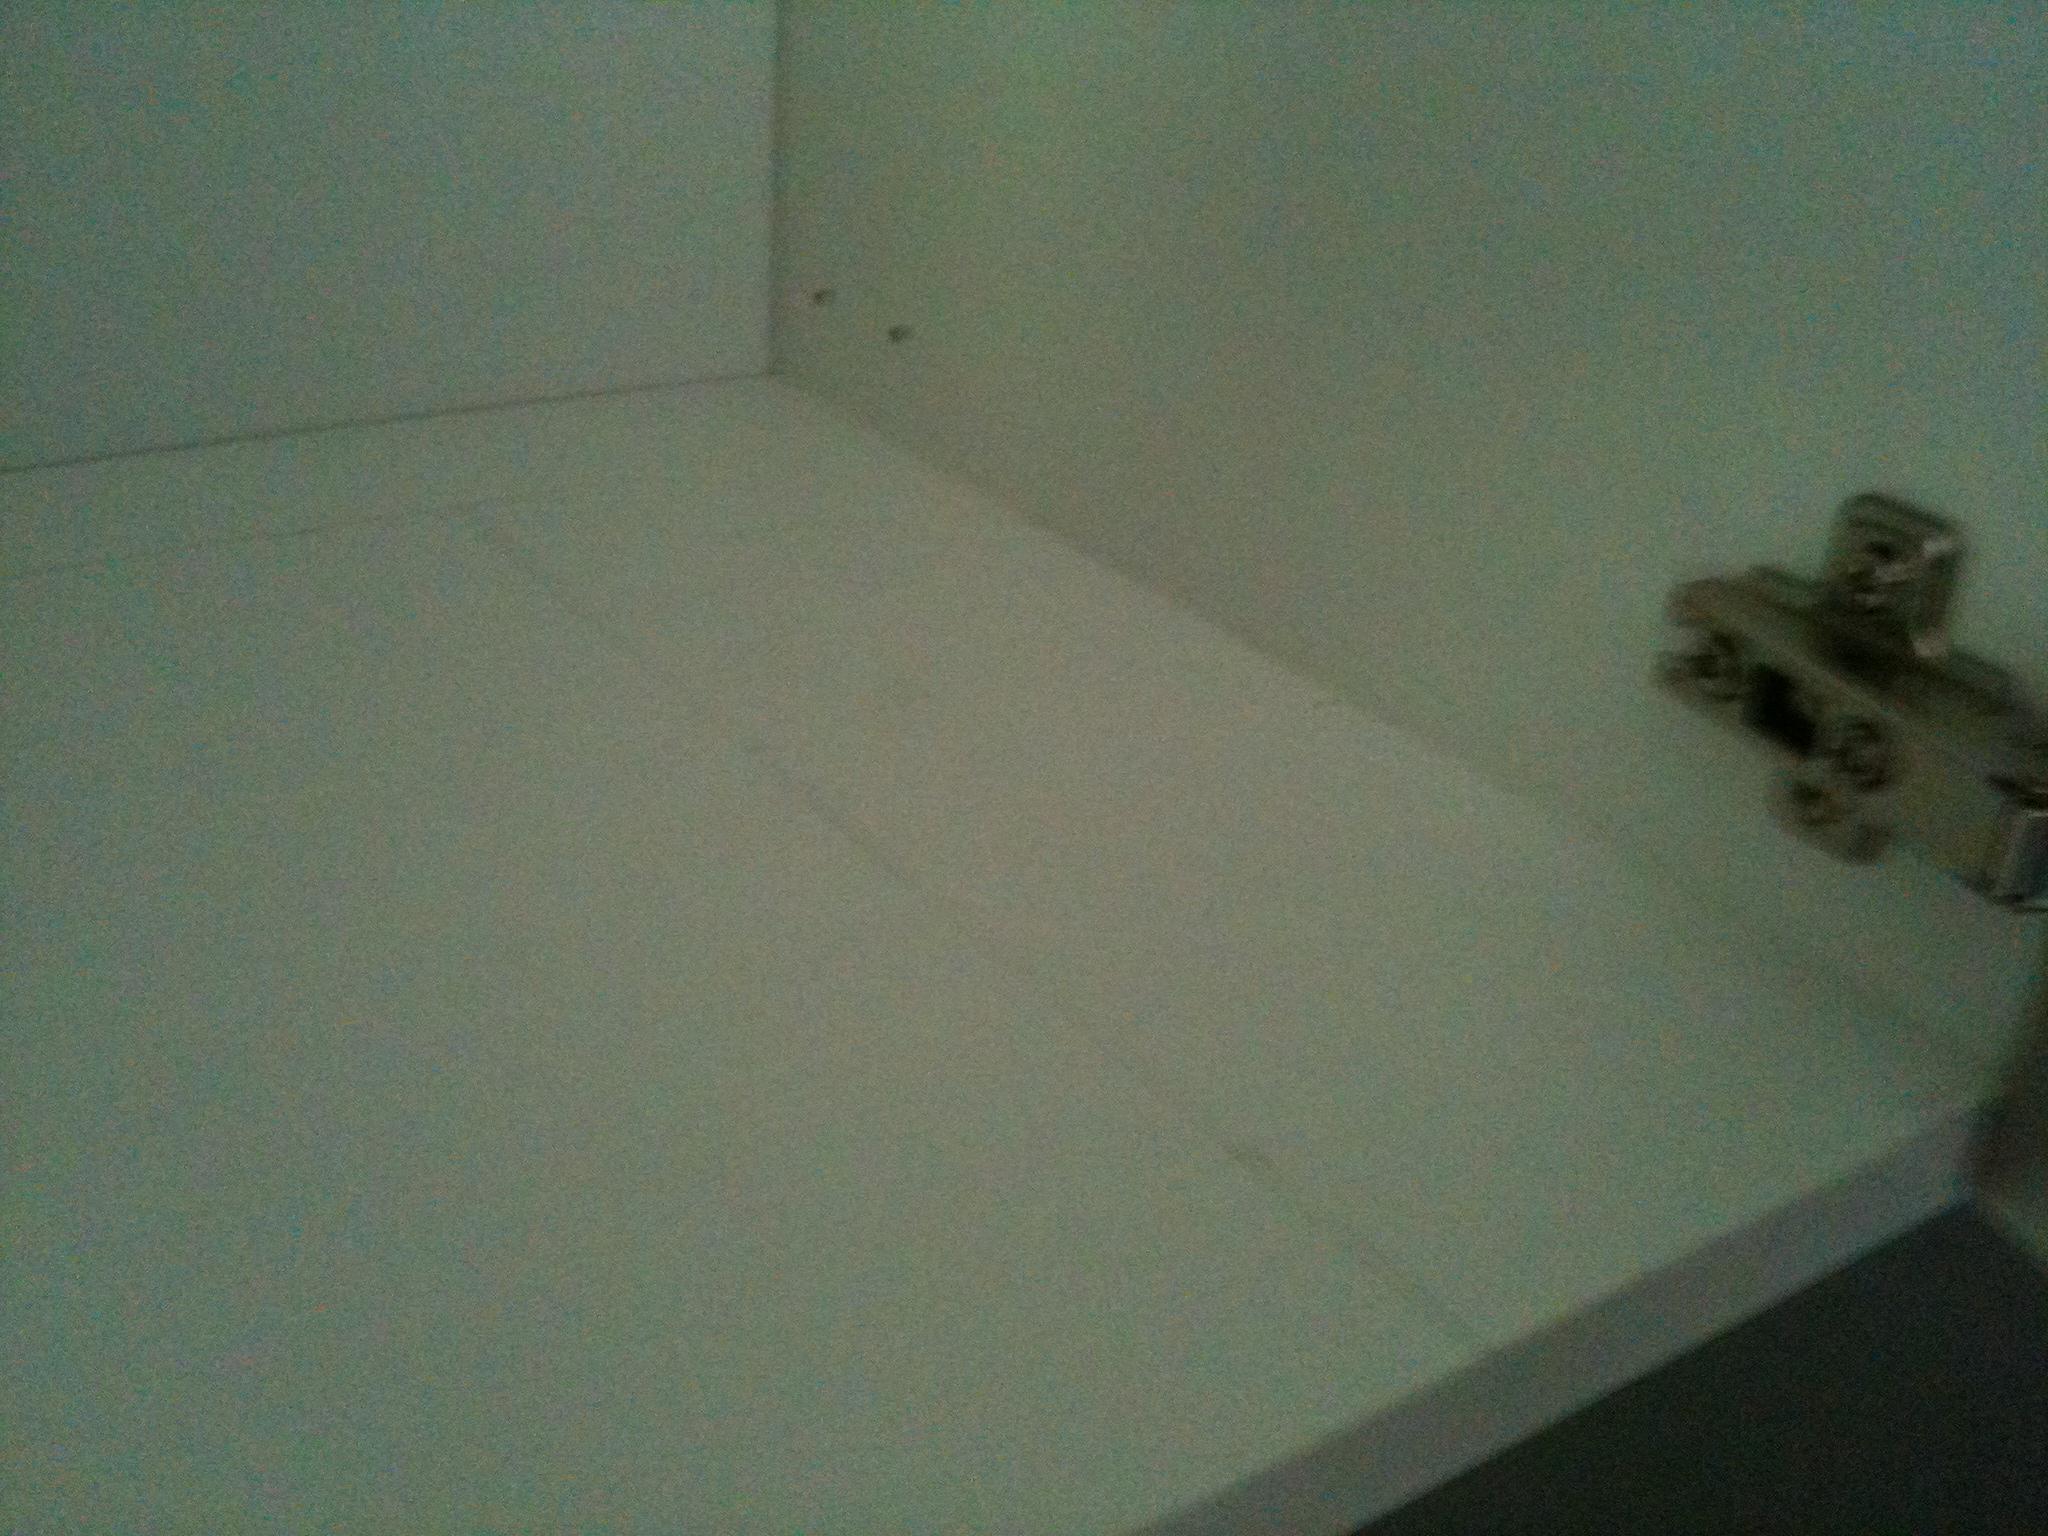 Résolu : Pose d'une hotte à tiroir dans meuble haut - Communauté Leroy Merlin